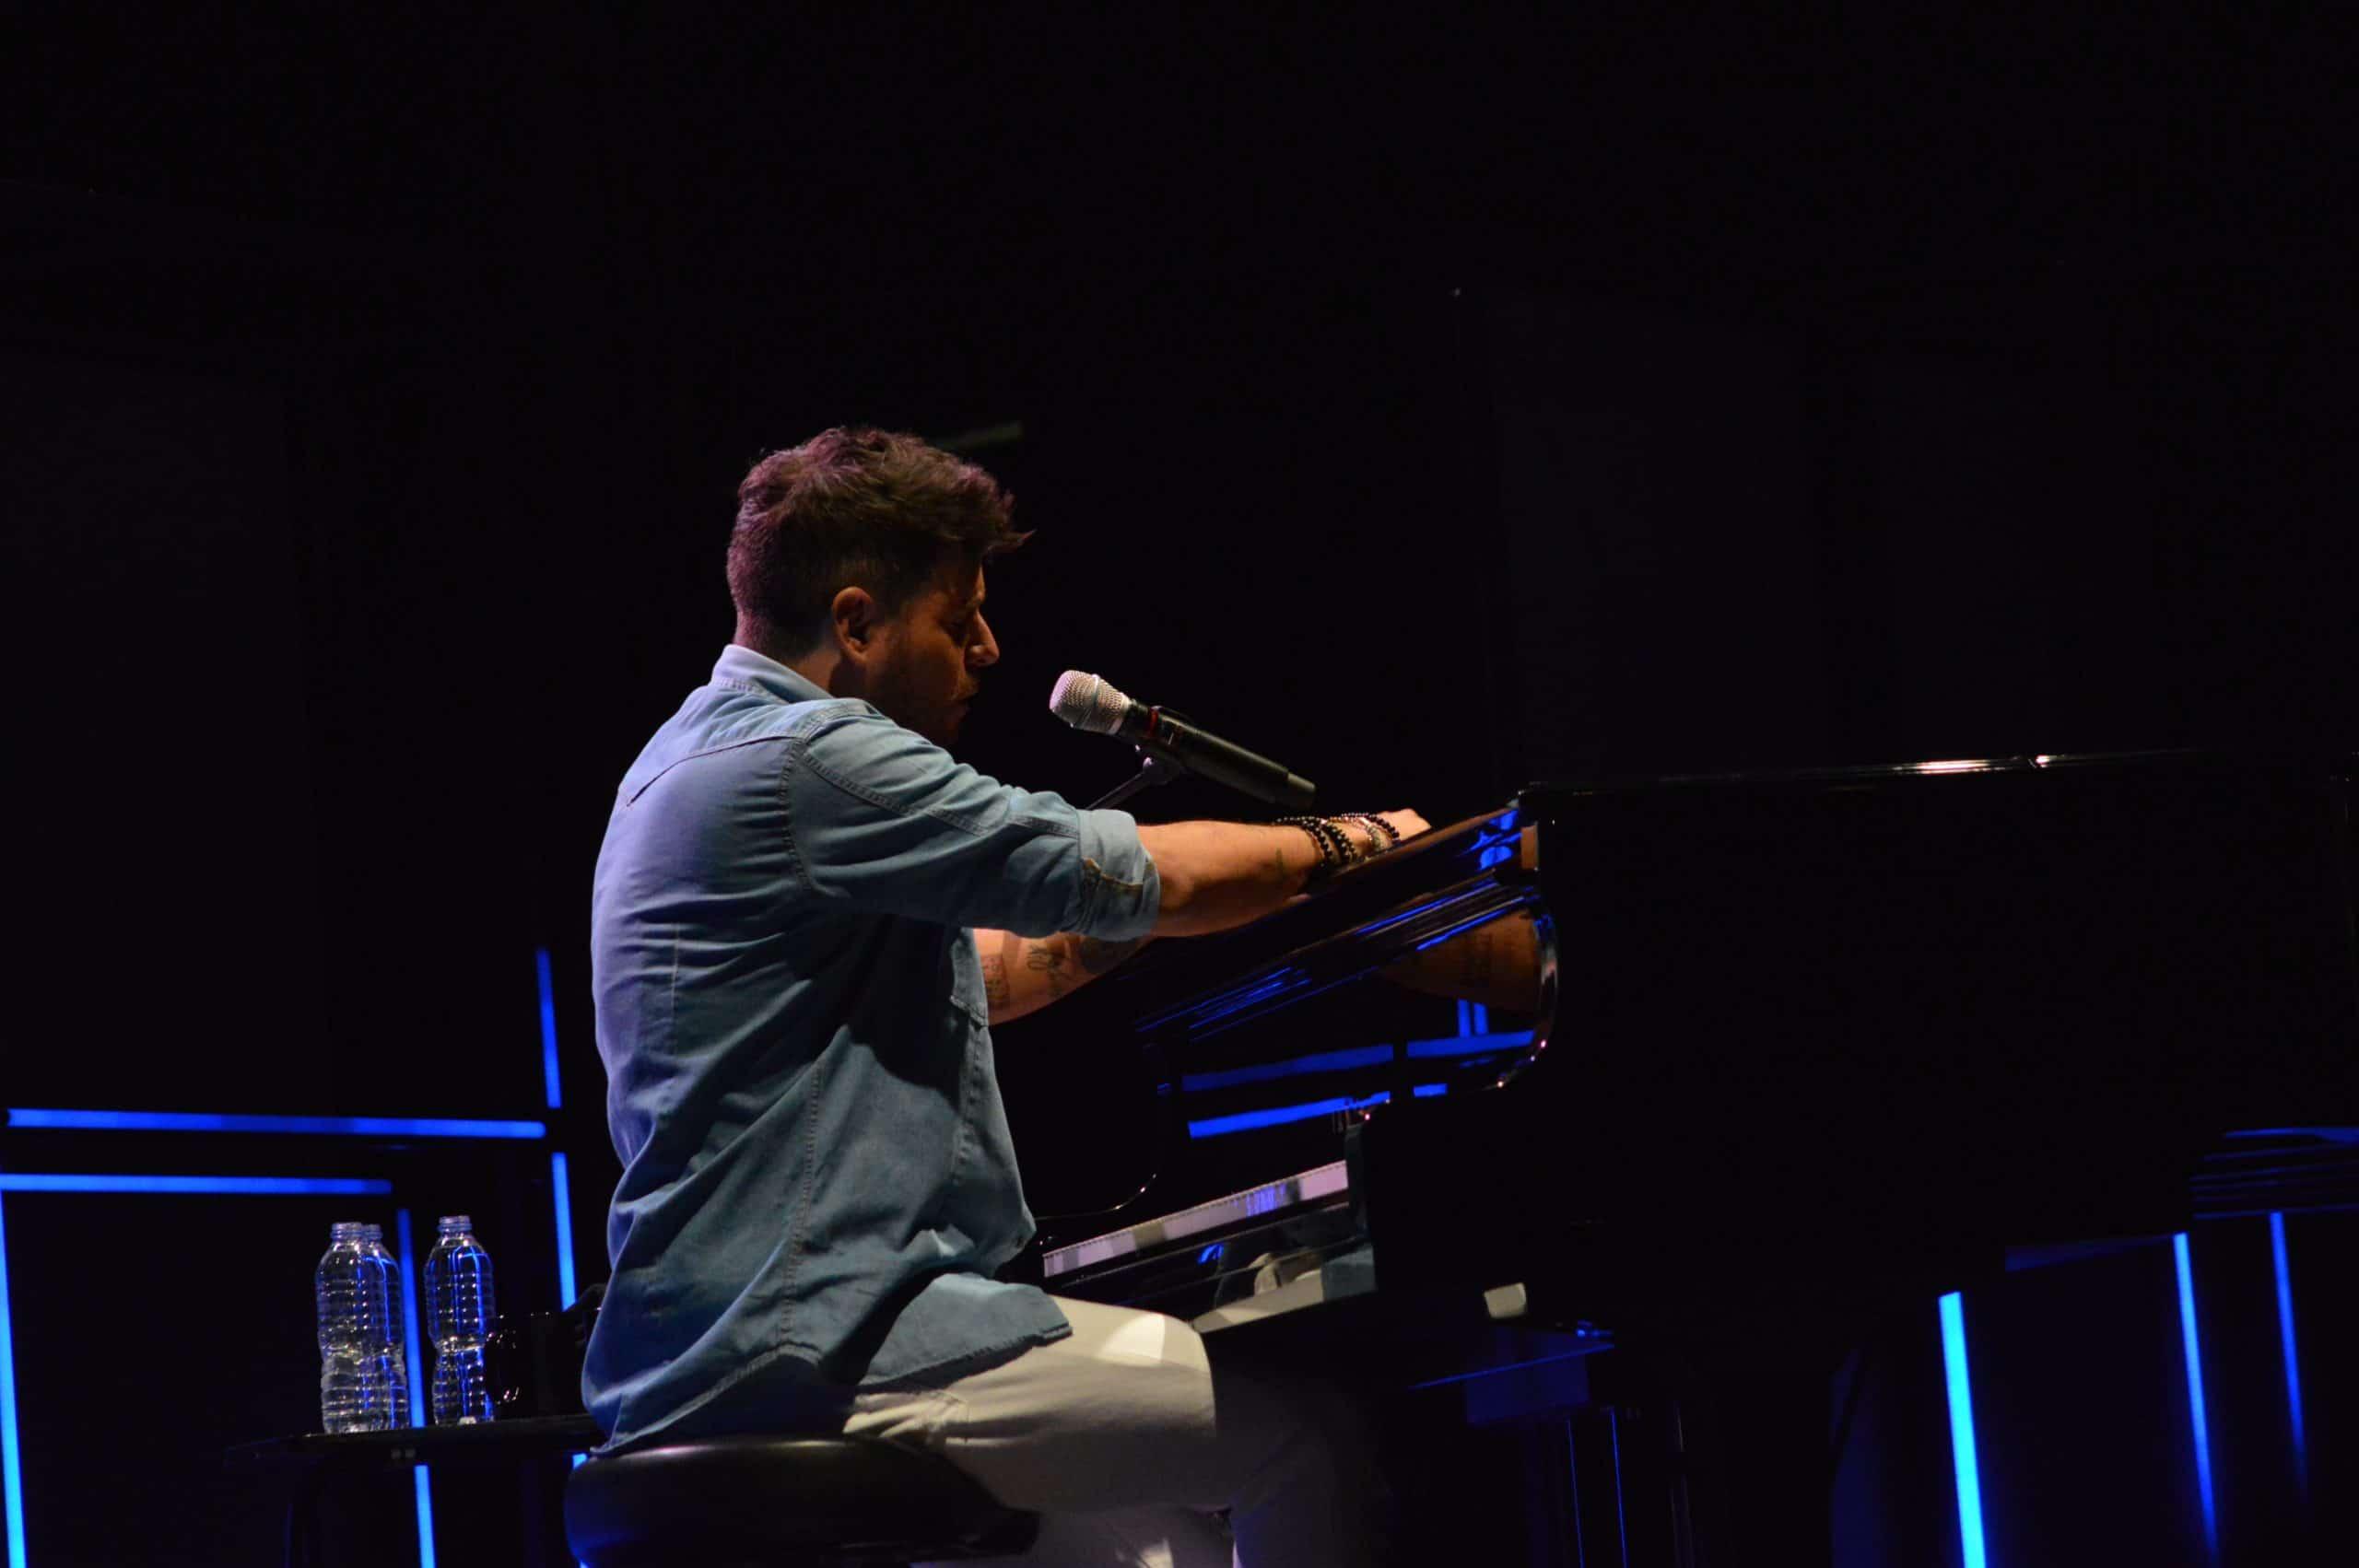 La gira 'López, piano y voz' de Pablo López pone el broche final a las fiestas de la Encina que nunca hubiéramos querido vivir 28